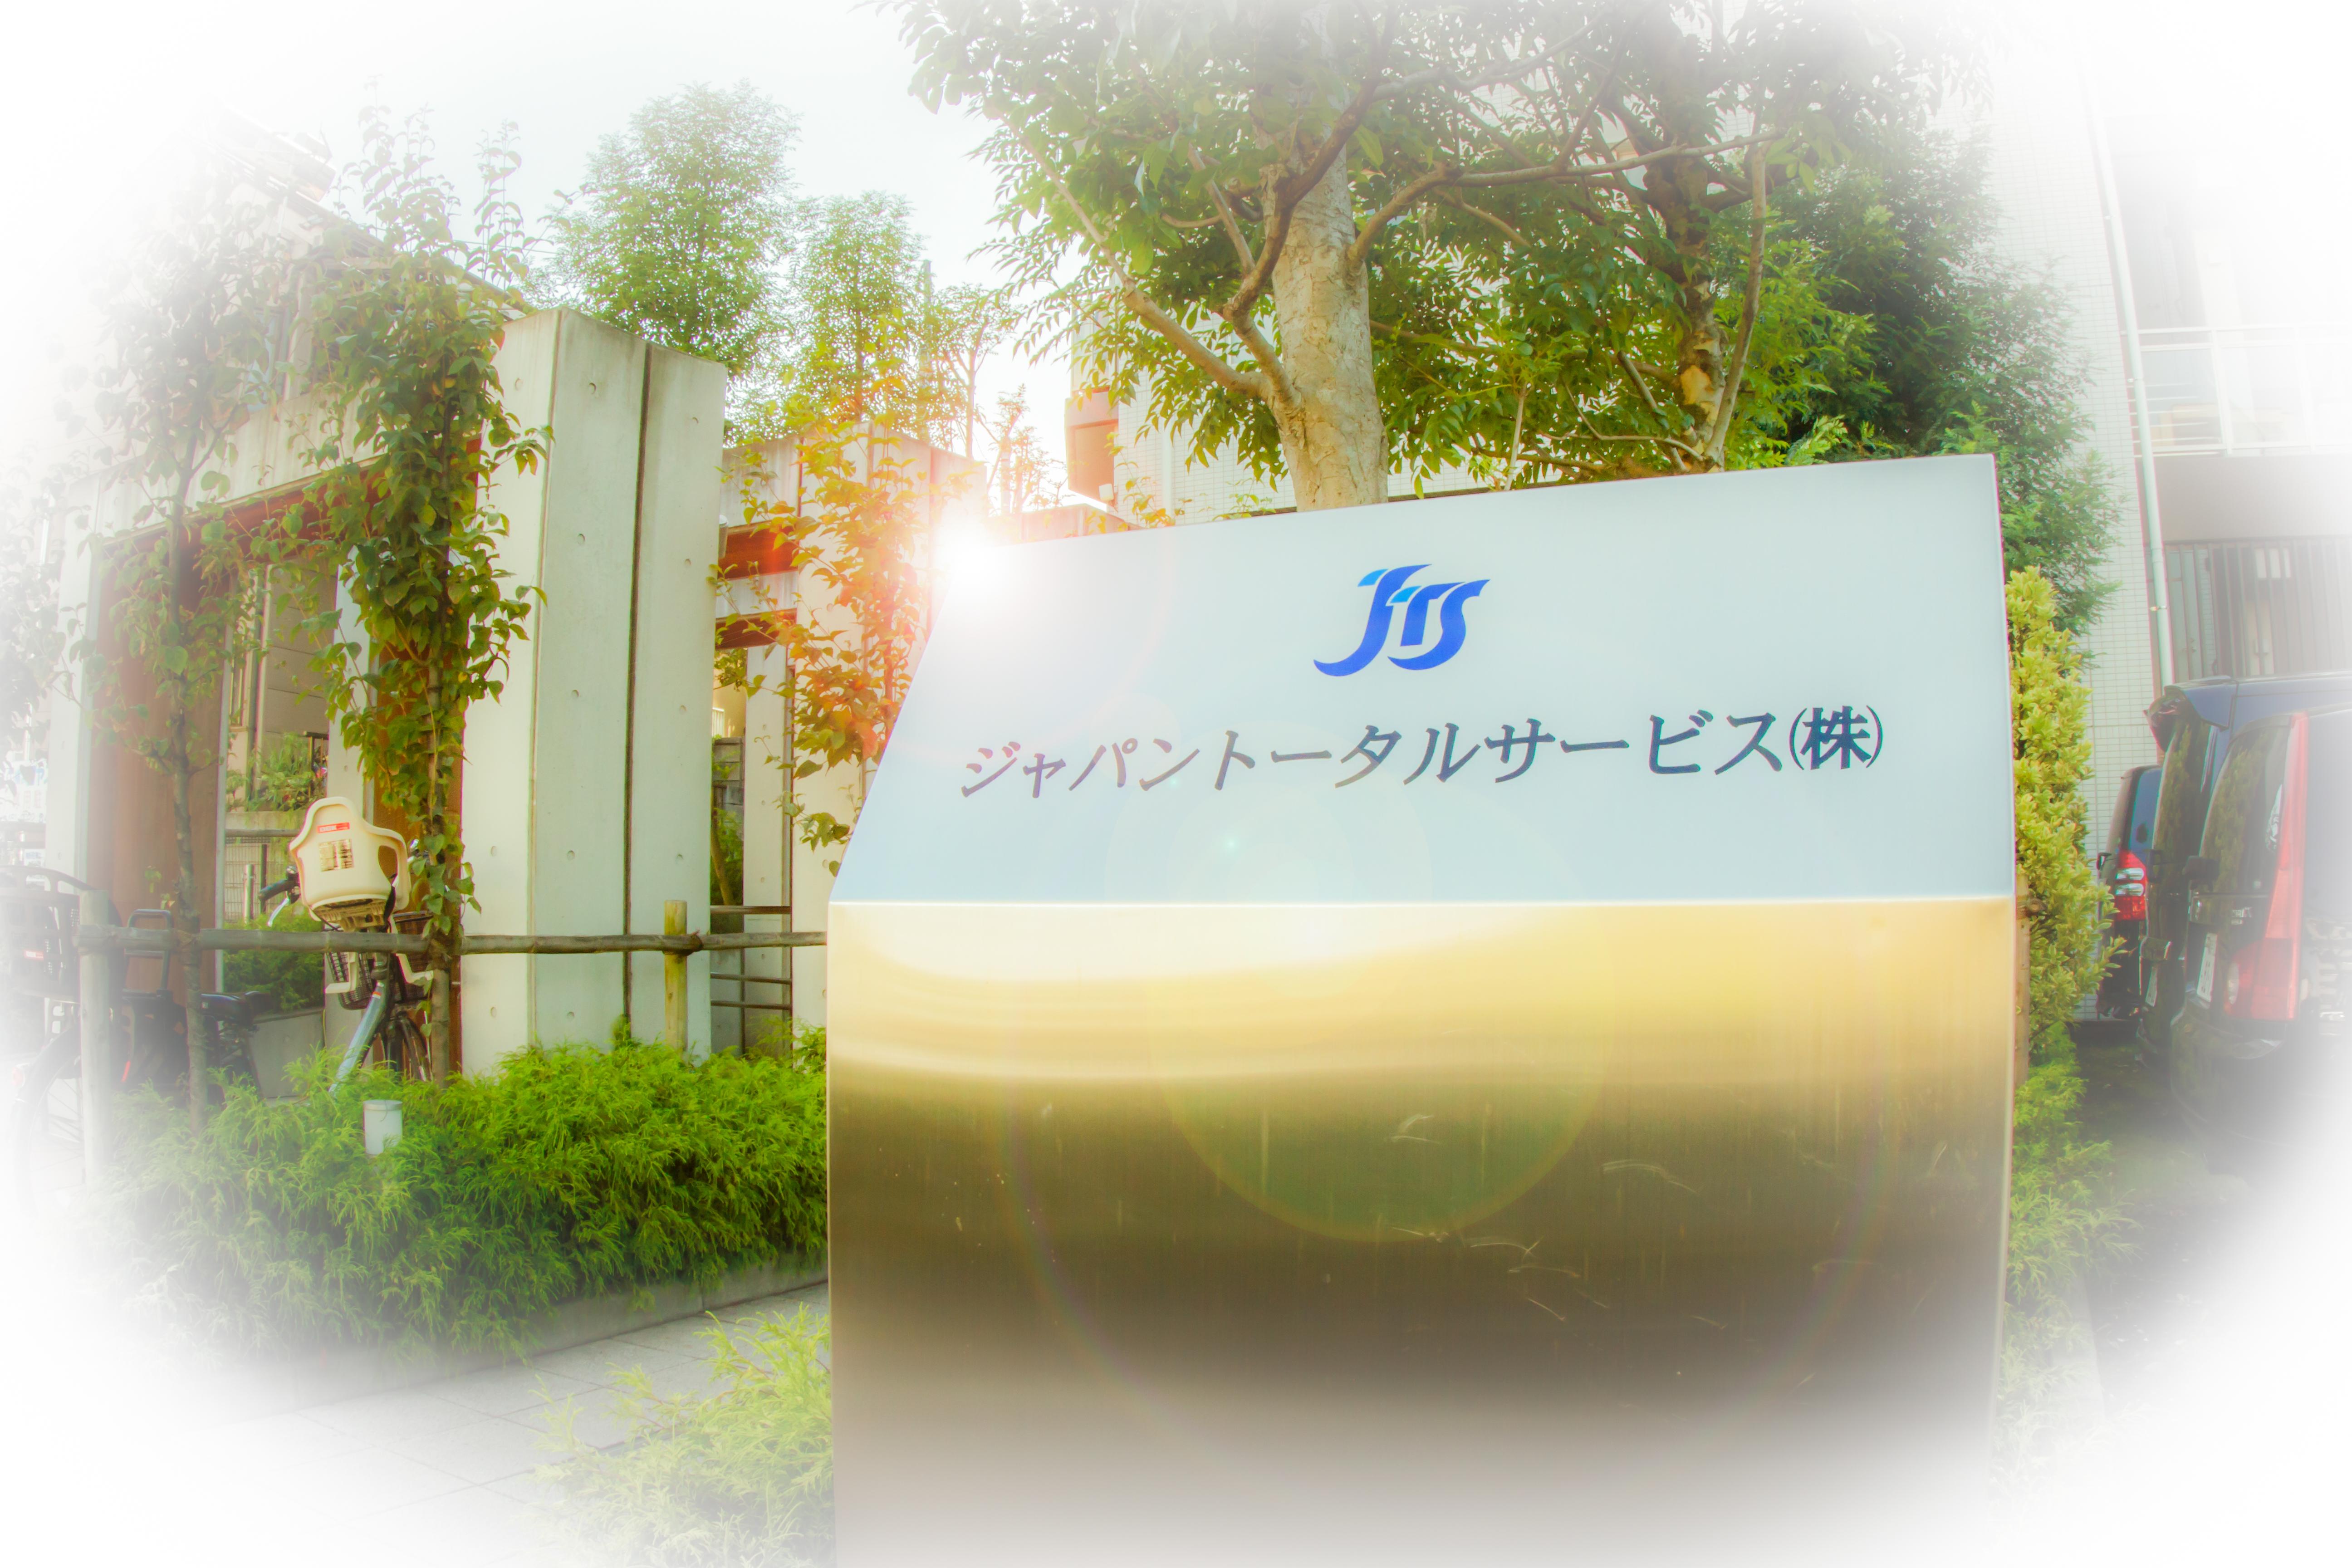 ジャパントータルサービス株式会社